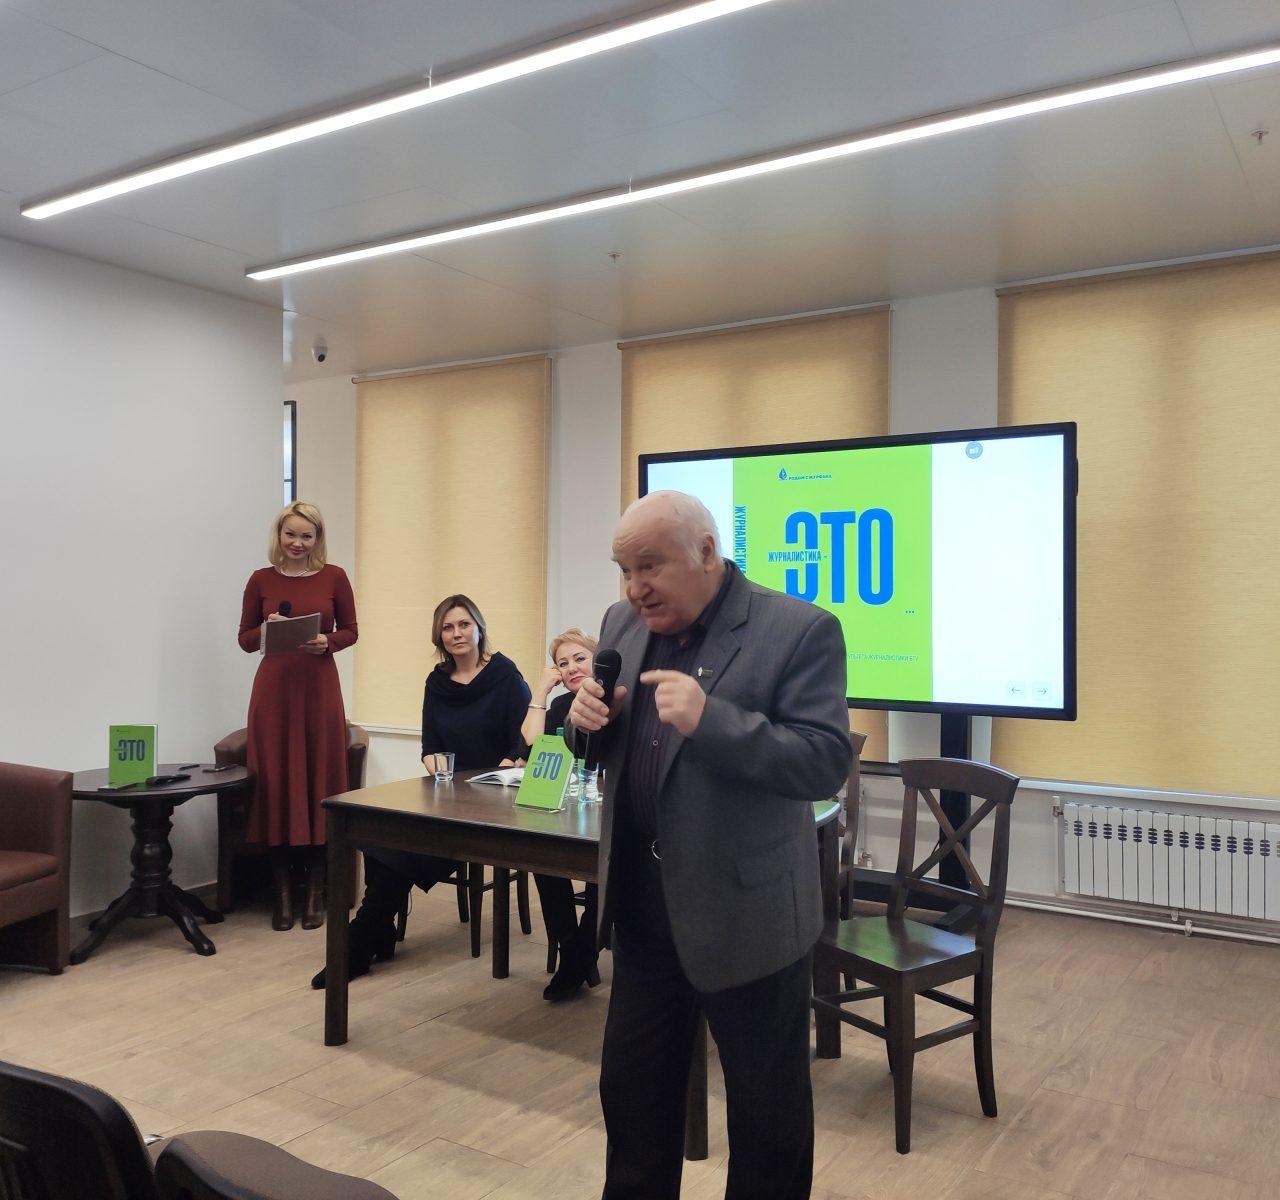 «После таких историй понимаешь: журналистике довольно сложно научить, ей можно только научиться». В Минске прошла презентация книги «Журналистика — это...» 14